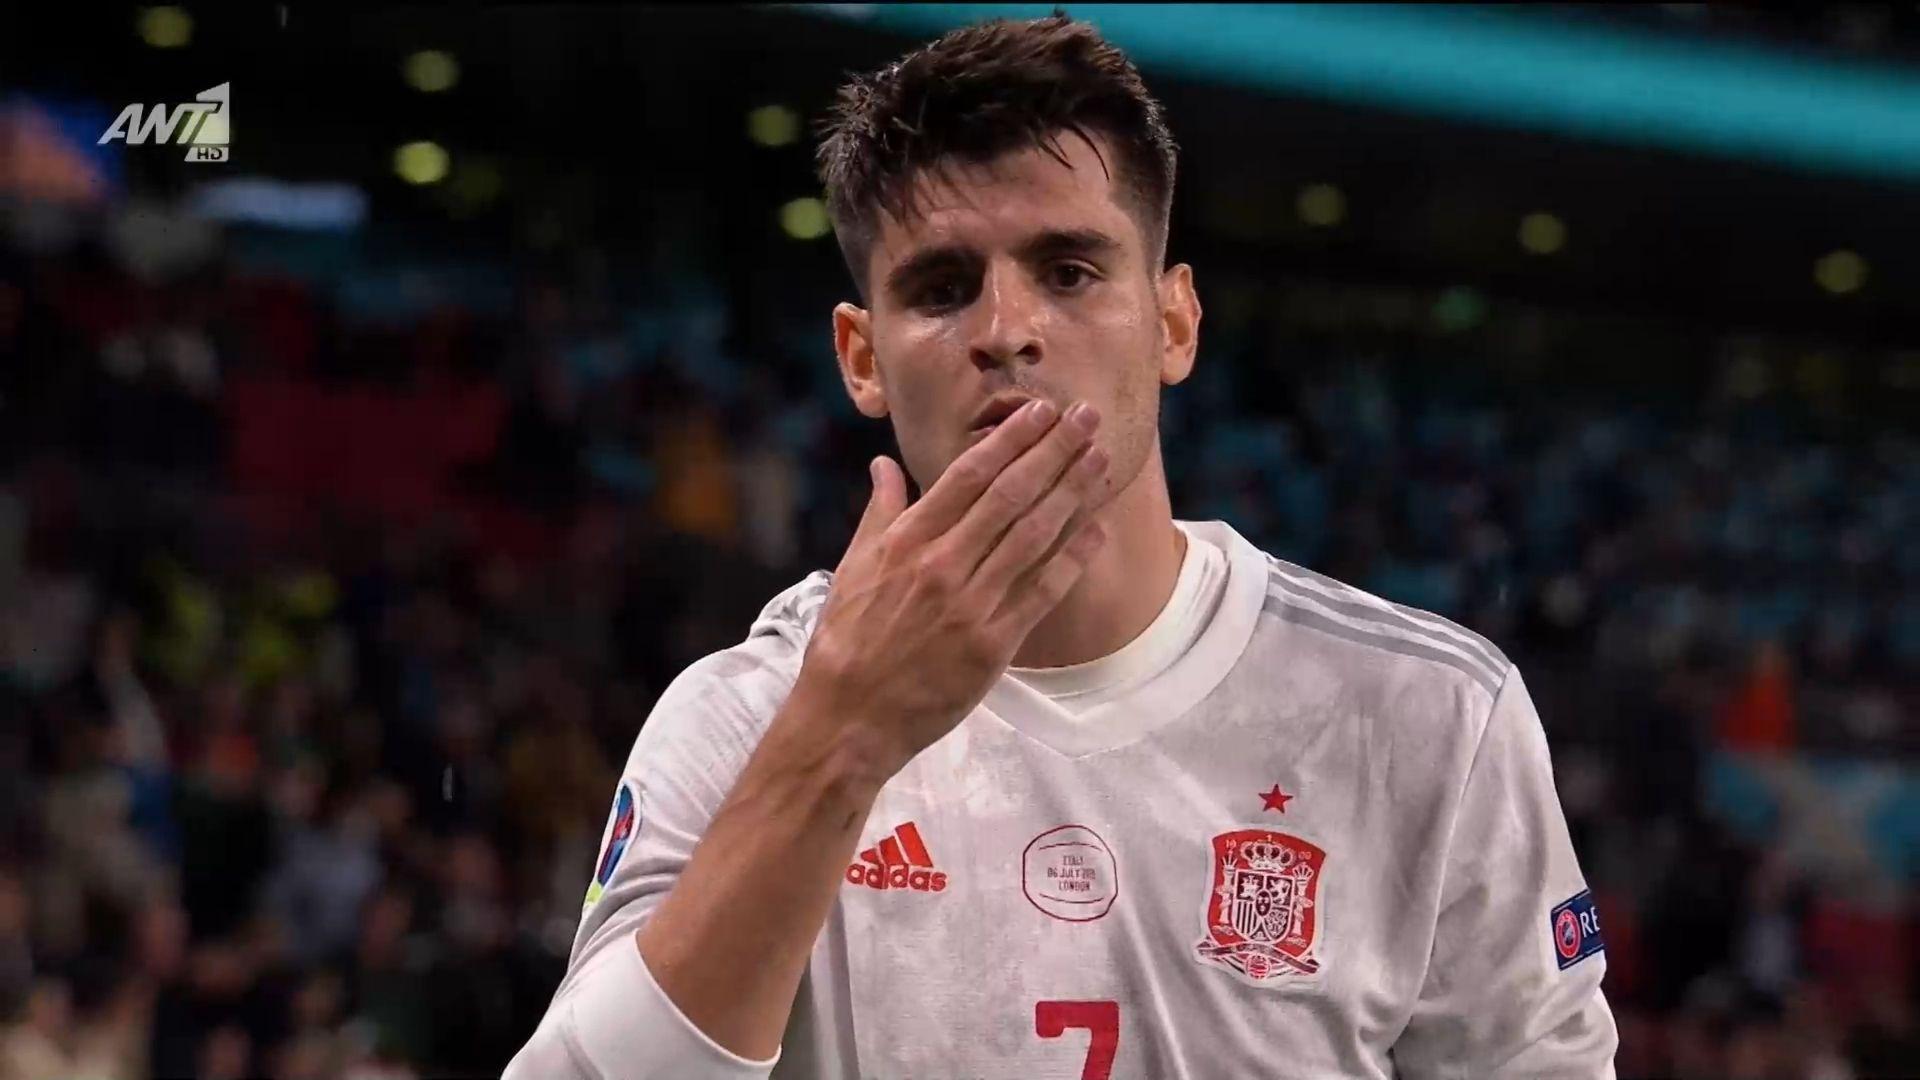 Ιταλία – Ισπανία : 1-1 ο Μοράτα με εκπληκτική ενέργεια (vid)   panathinaikos24.gr